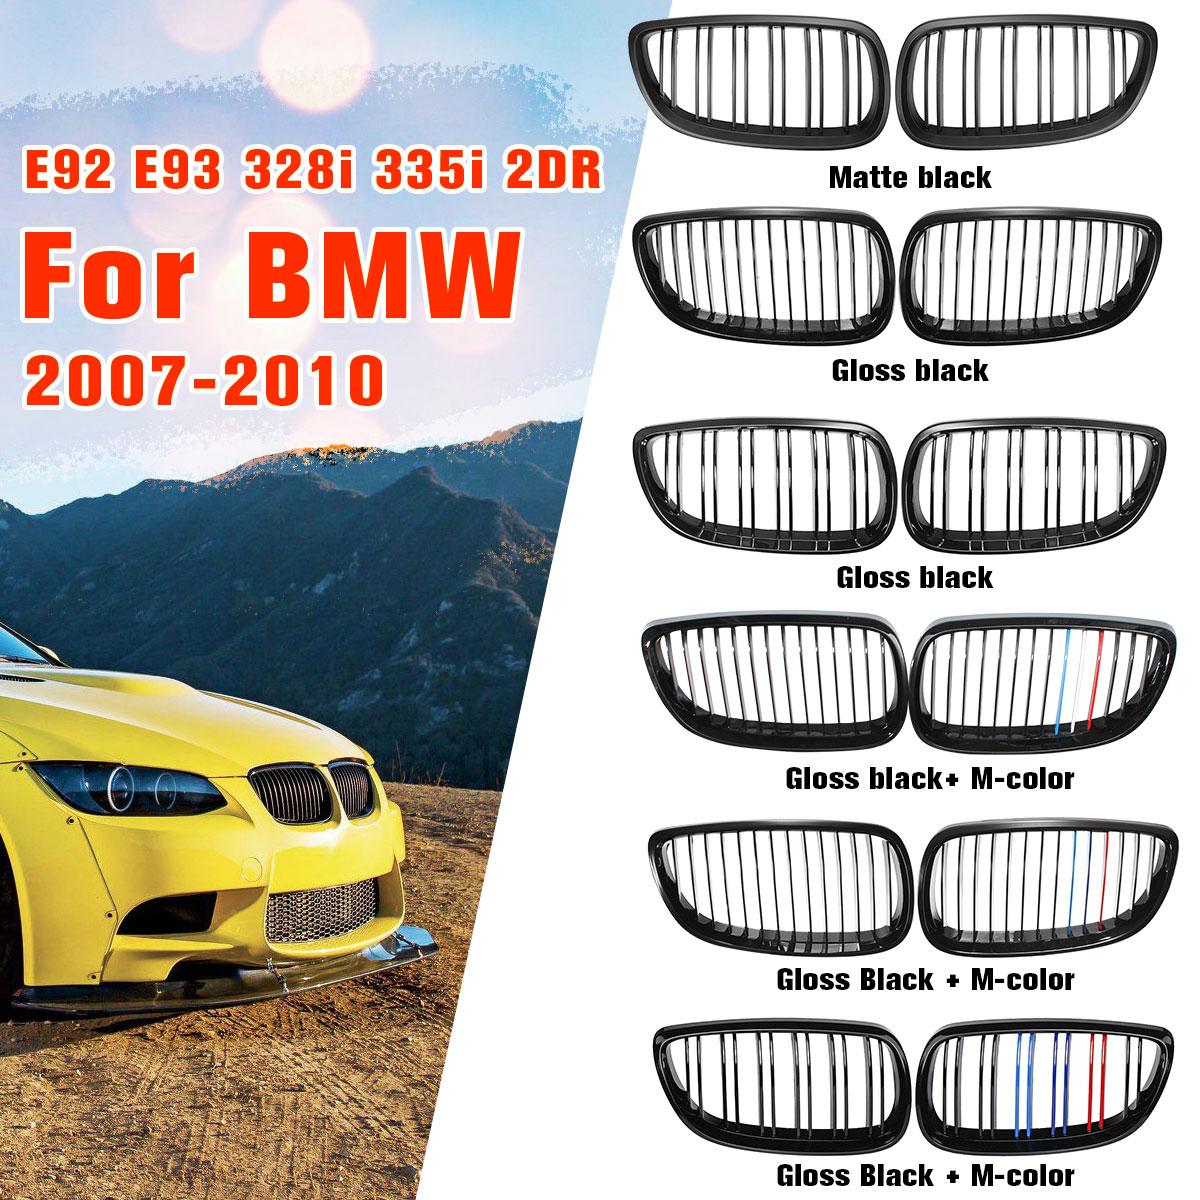 لمعان ماتي الأسود M-اللون المزدوج خط الجبهة مصبغة الكلى شواء لسيارات BMW E92 E93 M3 328i 335i 2Door 2007 2008 2009 تصفيف السيارة